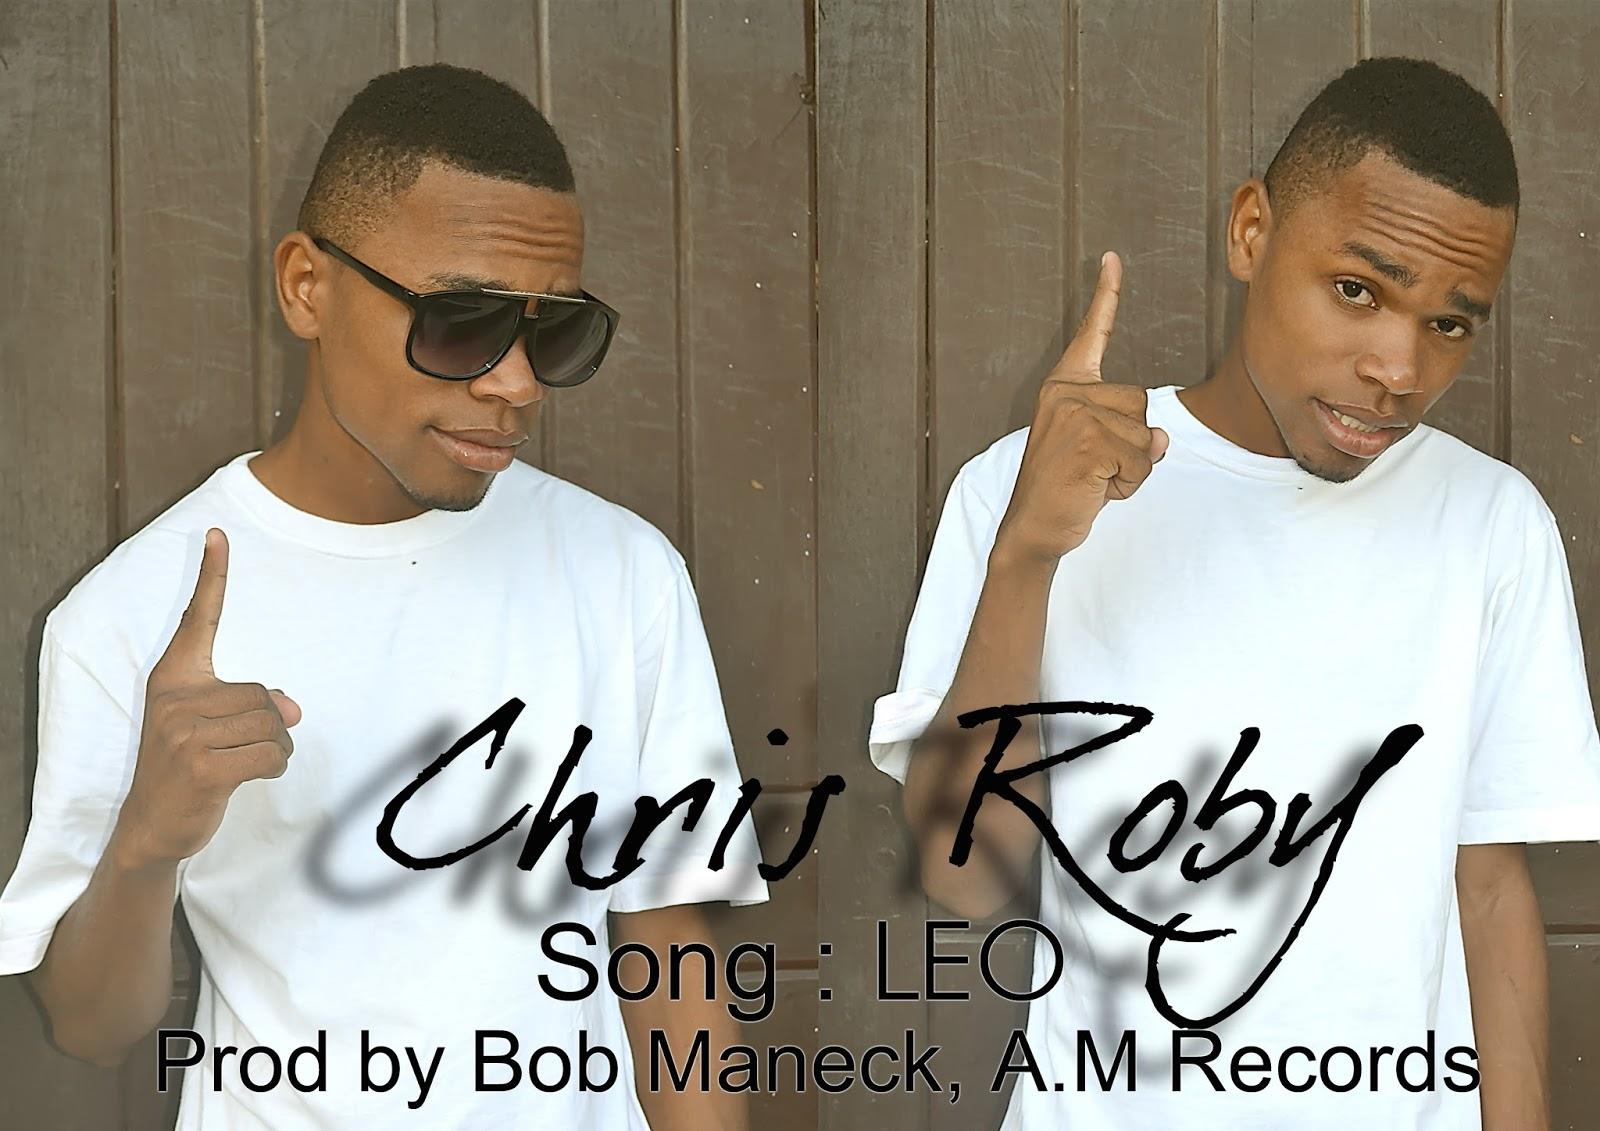 download nyimbo mpya ya mwanamuziki wa muziki wa bongo fleva chris roby unaokwenda kwa jina la